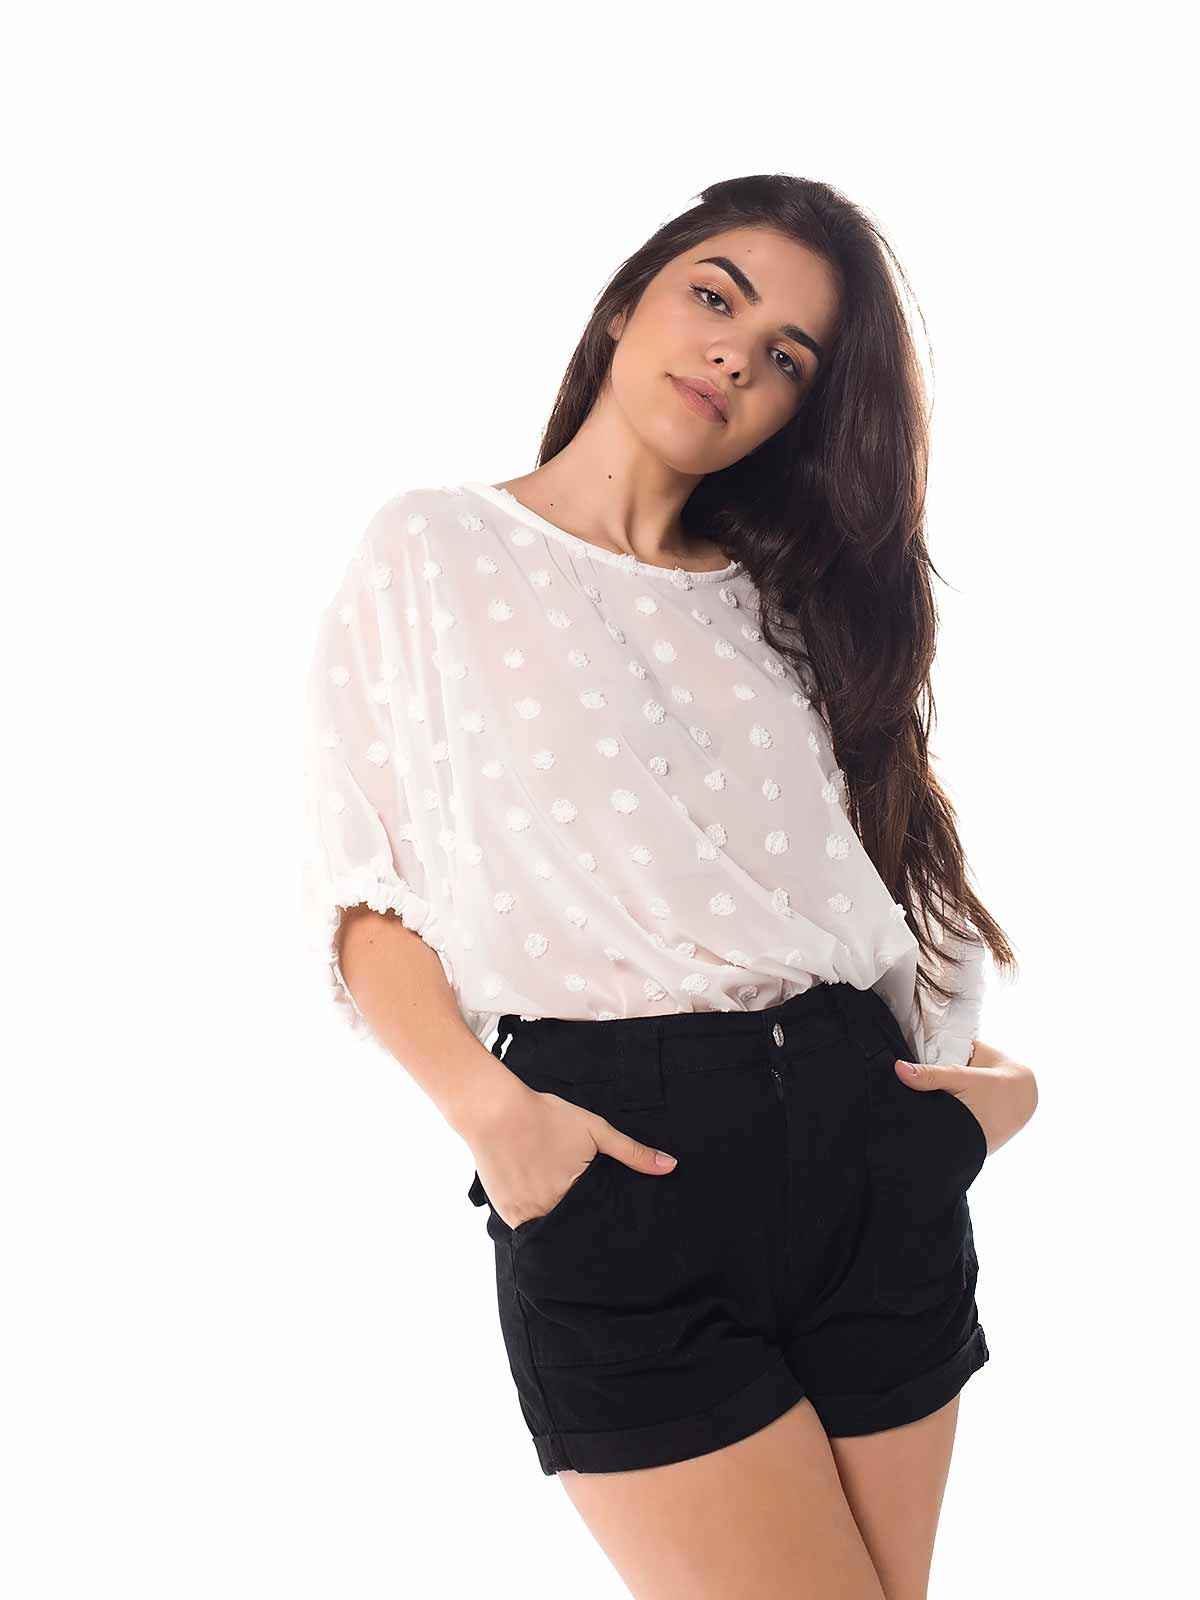 Blusa transparente com bolas